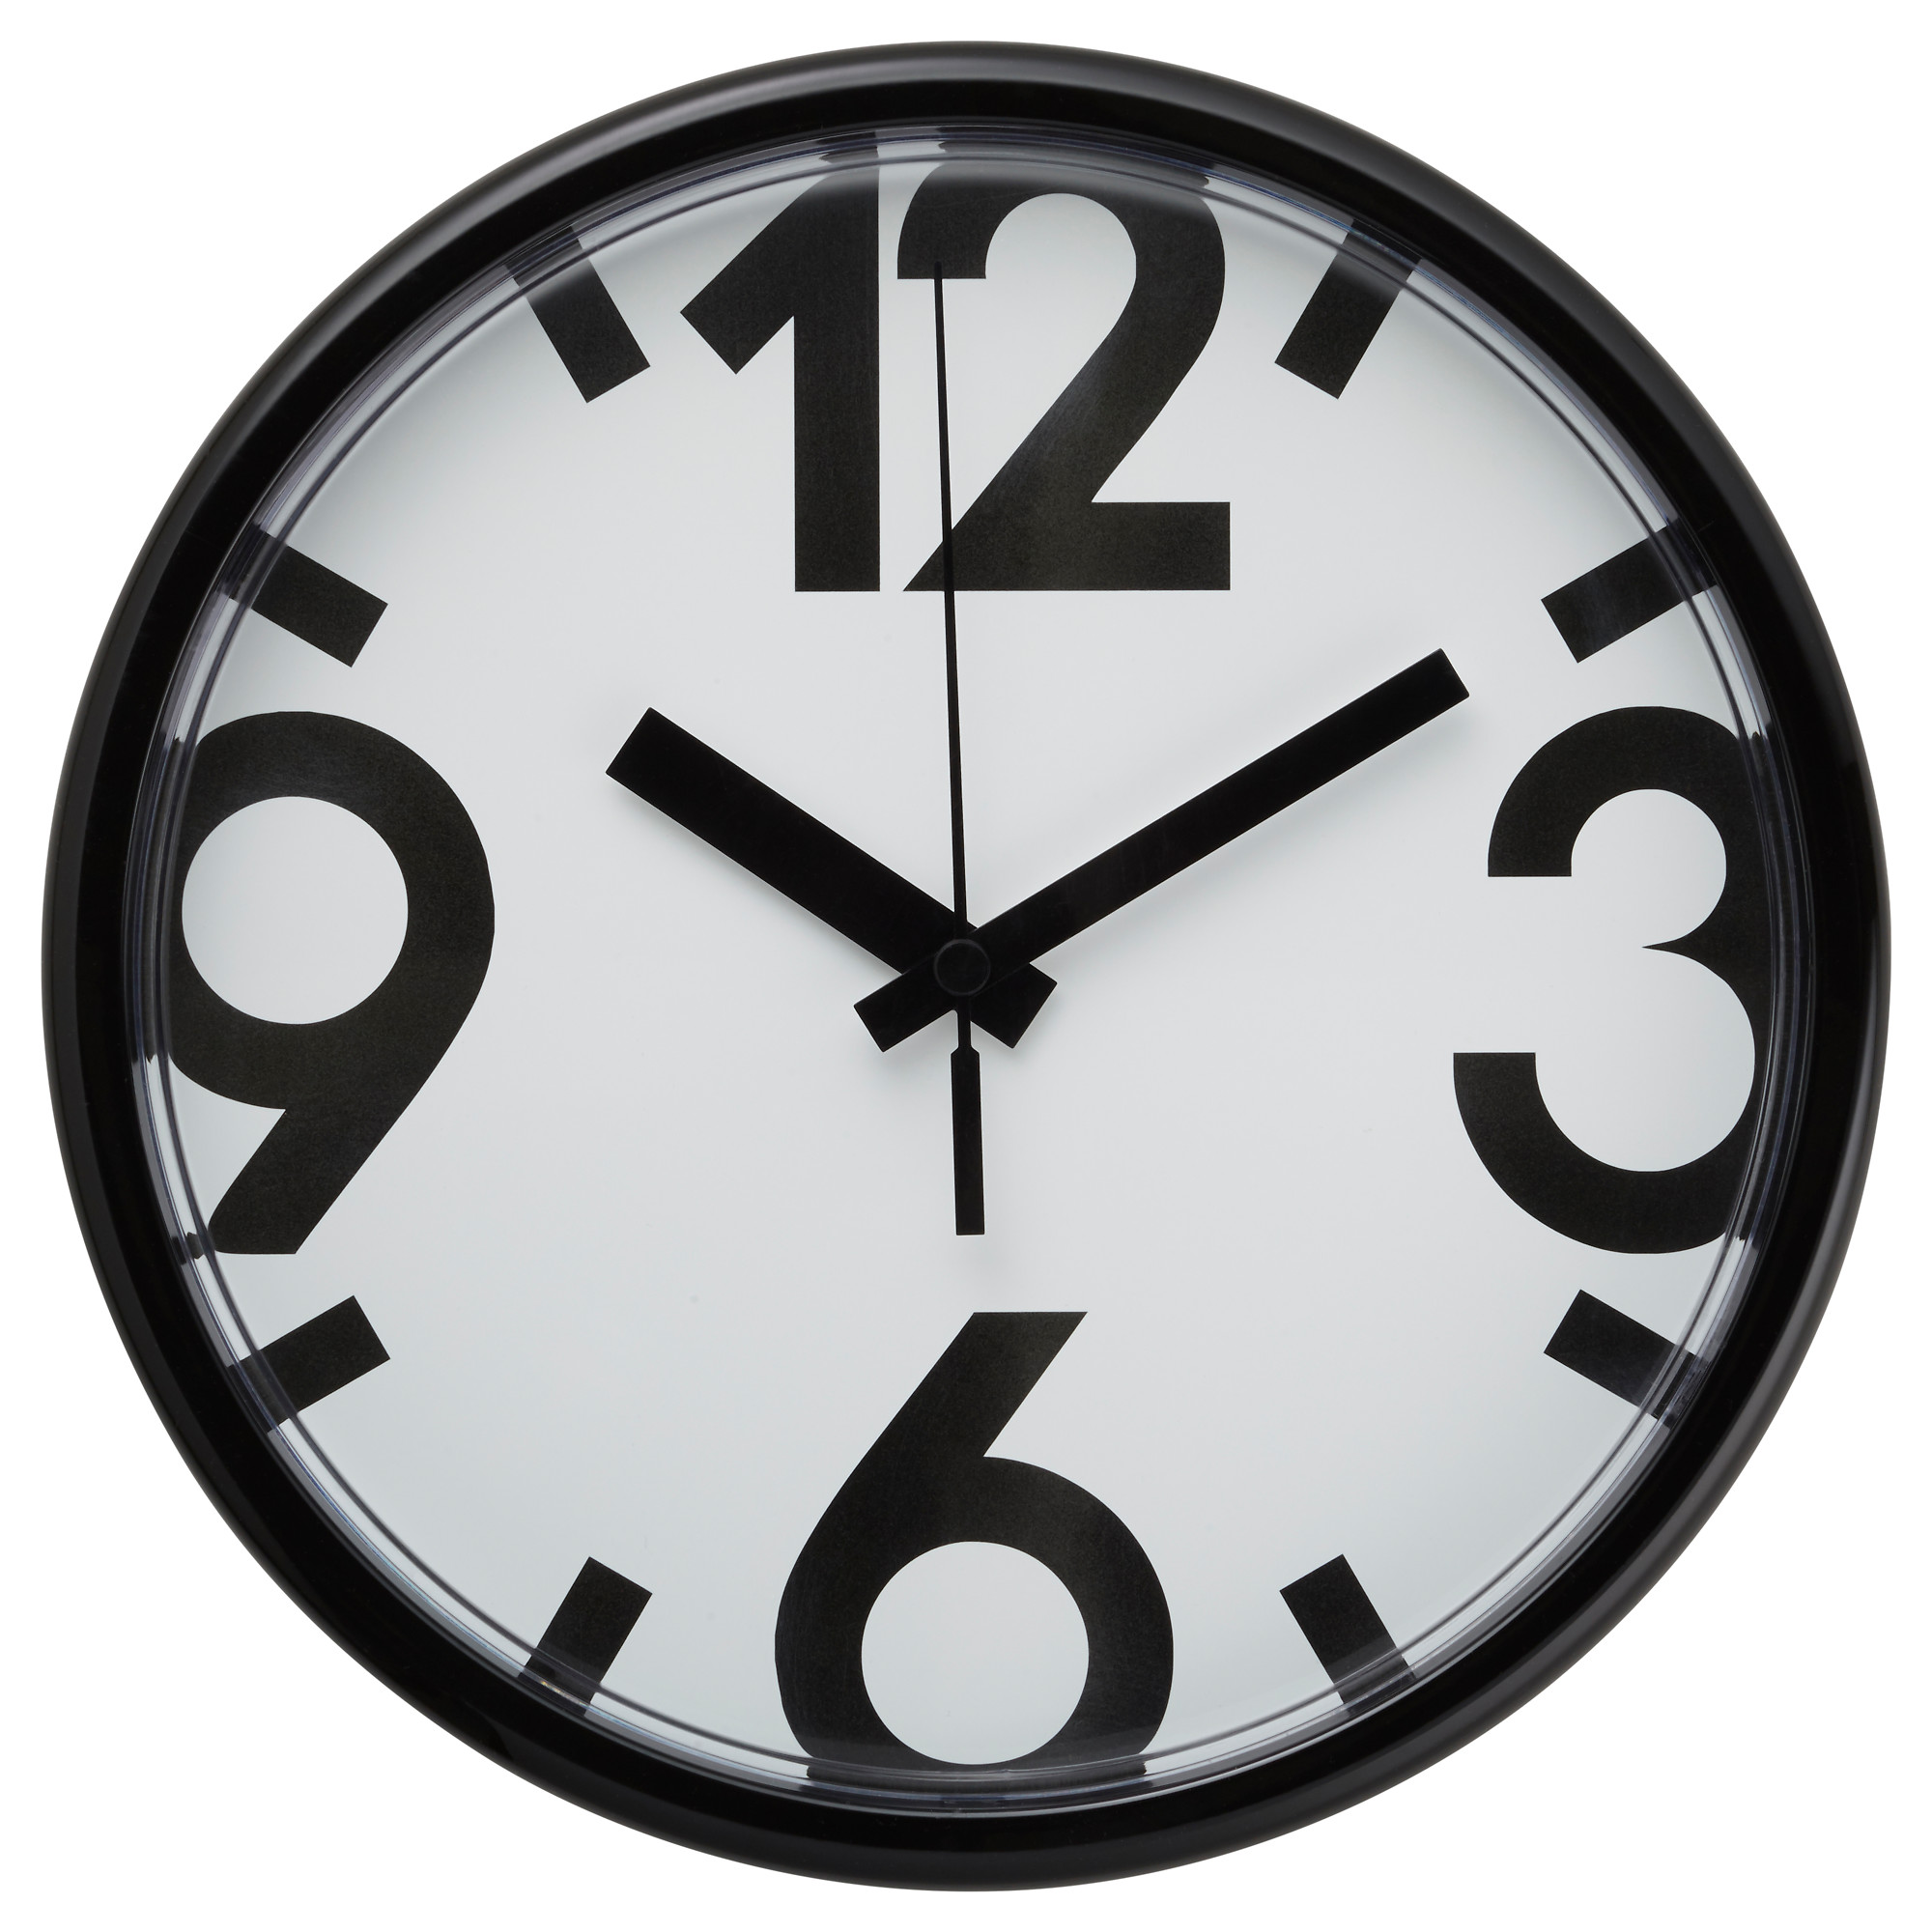 Купити годинник для будинку в Україні 94f7e393a89cc